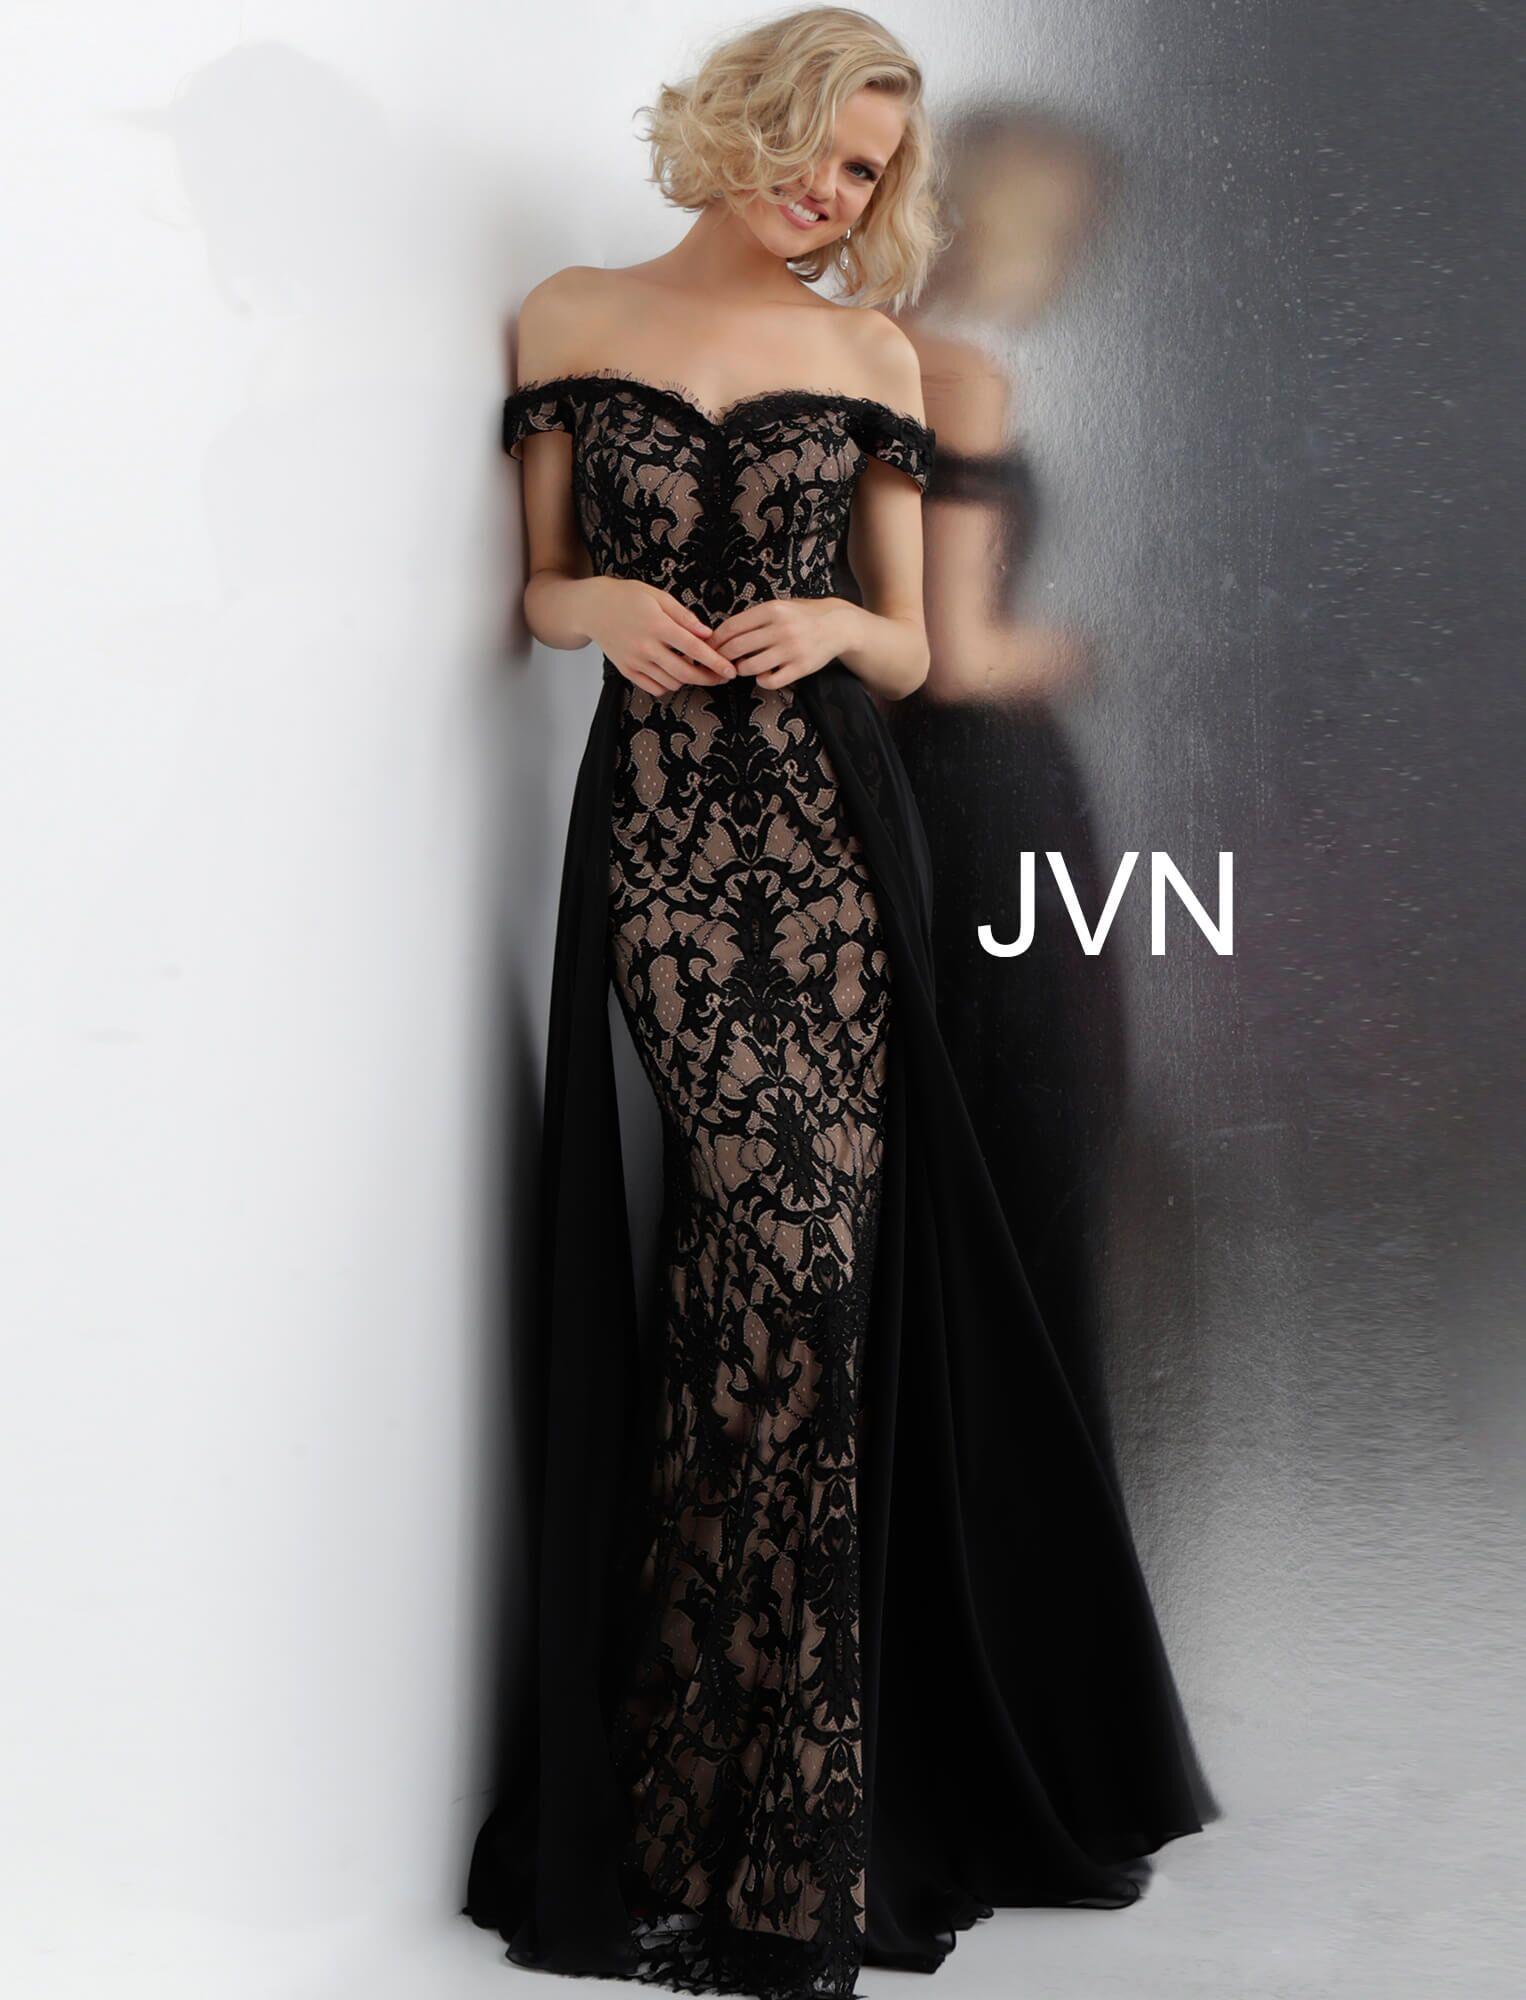 JVN Jovani black lace prom dress